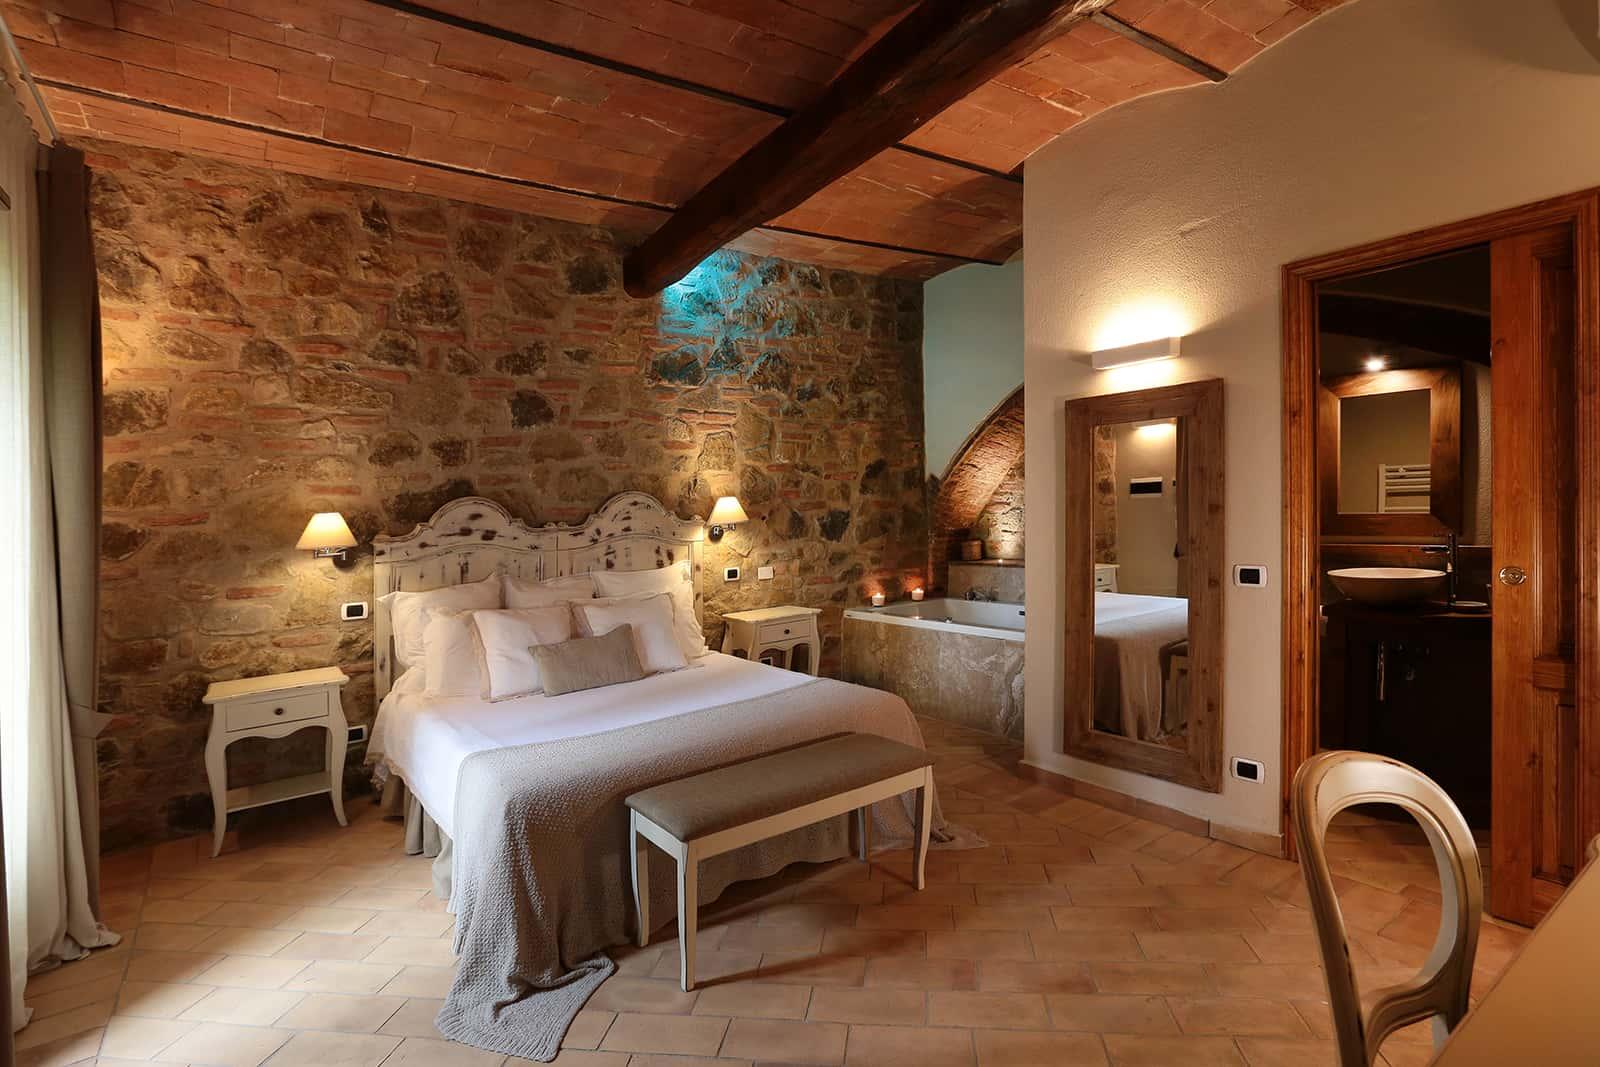 dimora-gallery-mormoraia-agriturismo-hotel-vacanza-bb-relax-camere-Cipresso.jpg